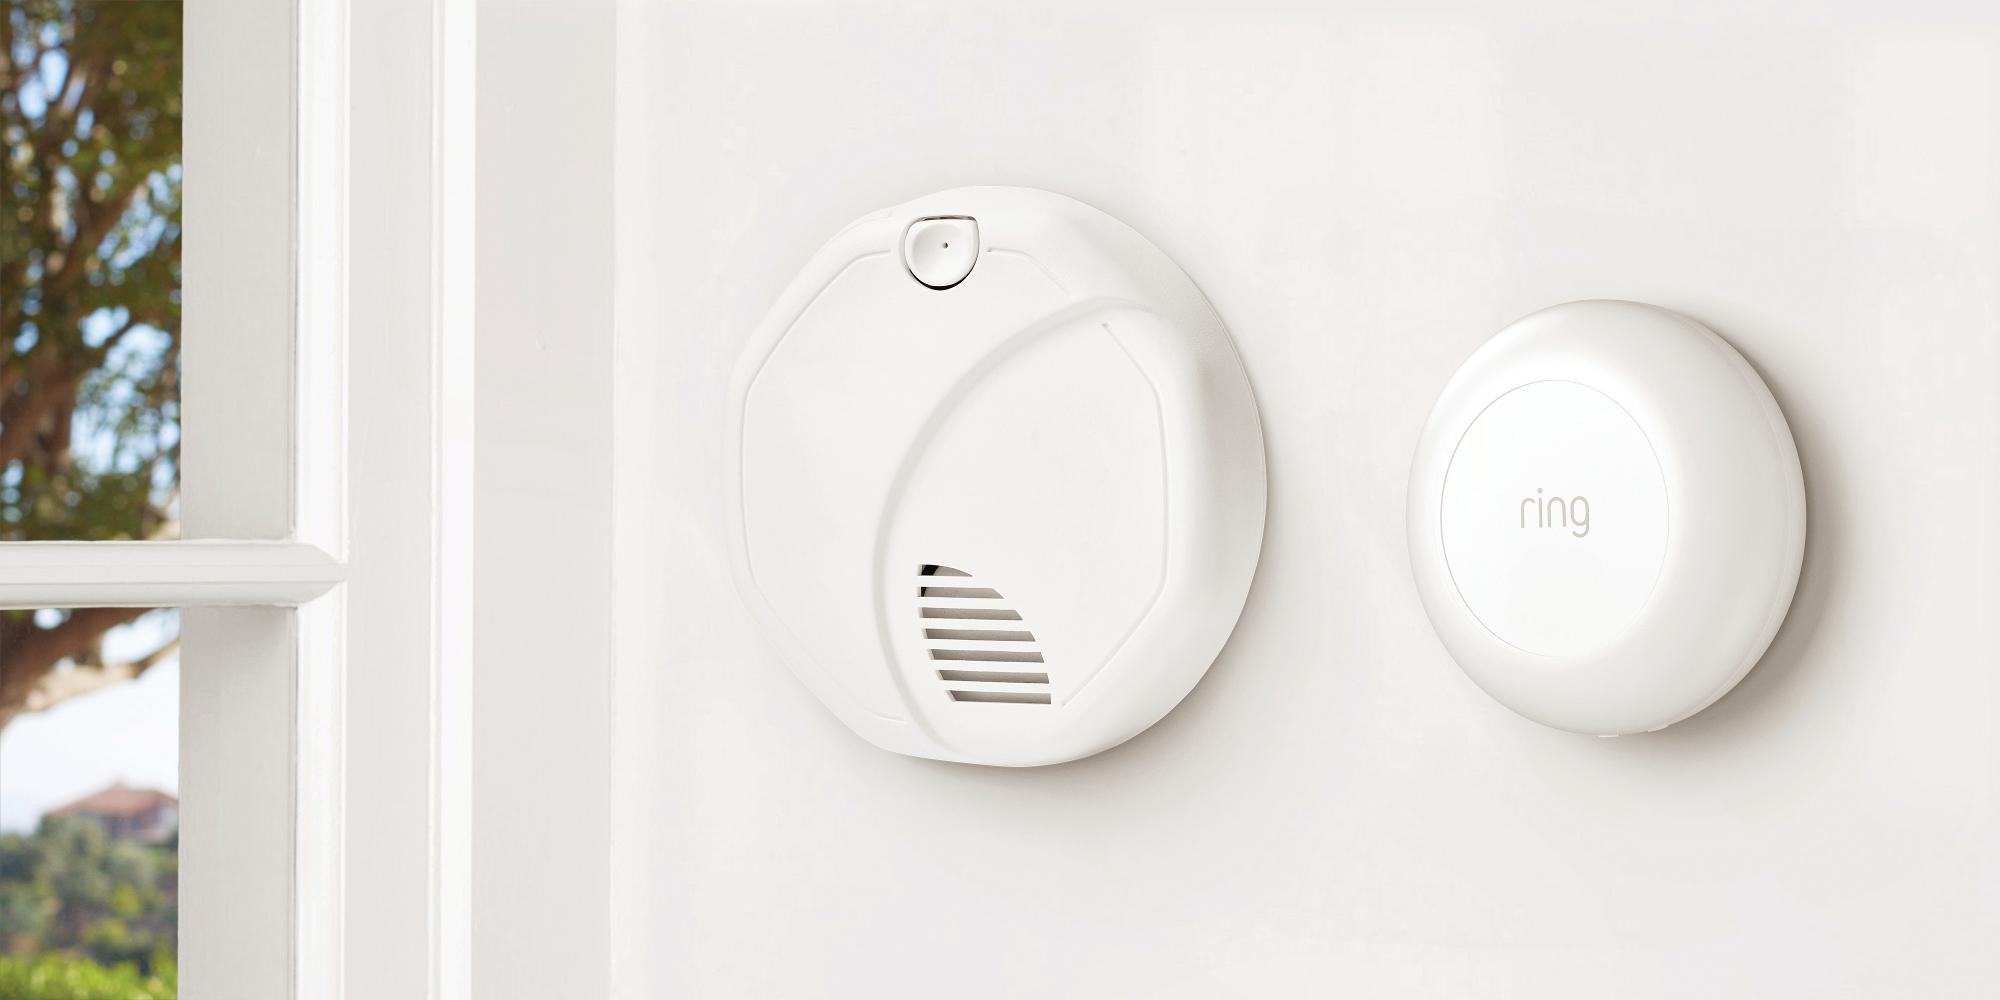 ring-alarm-sensors.png